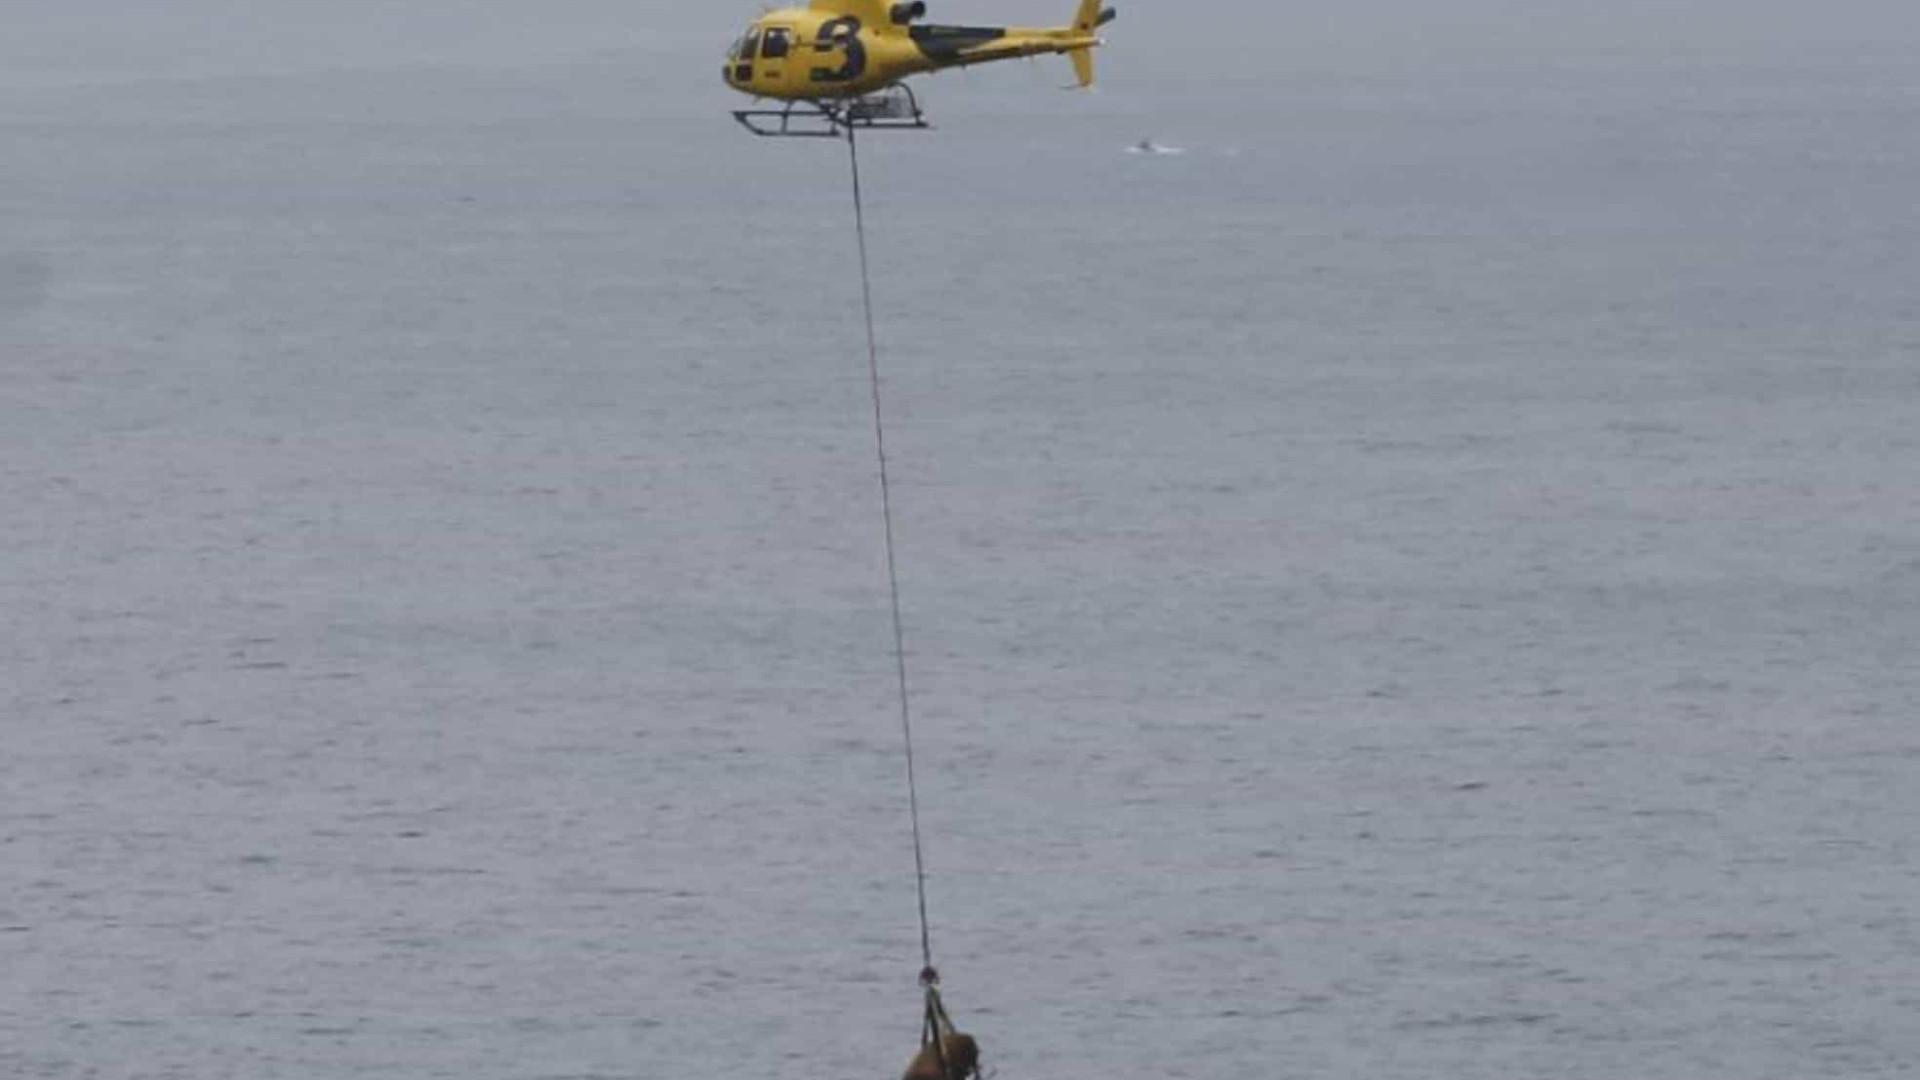 Touro de 800 kg é resgatado por helicóptero em praia espanhola